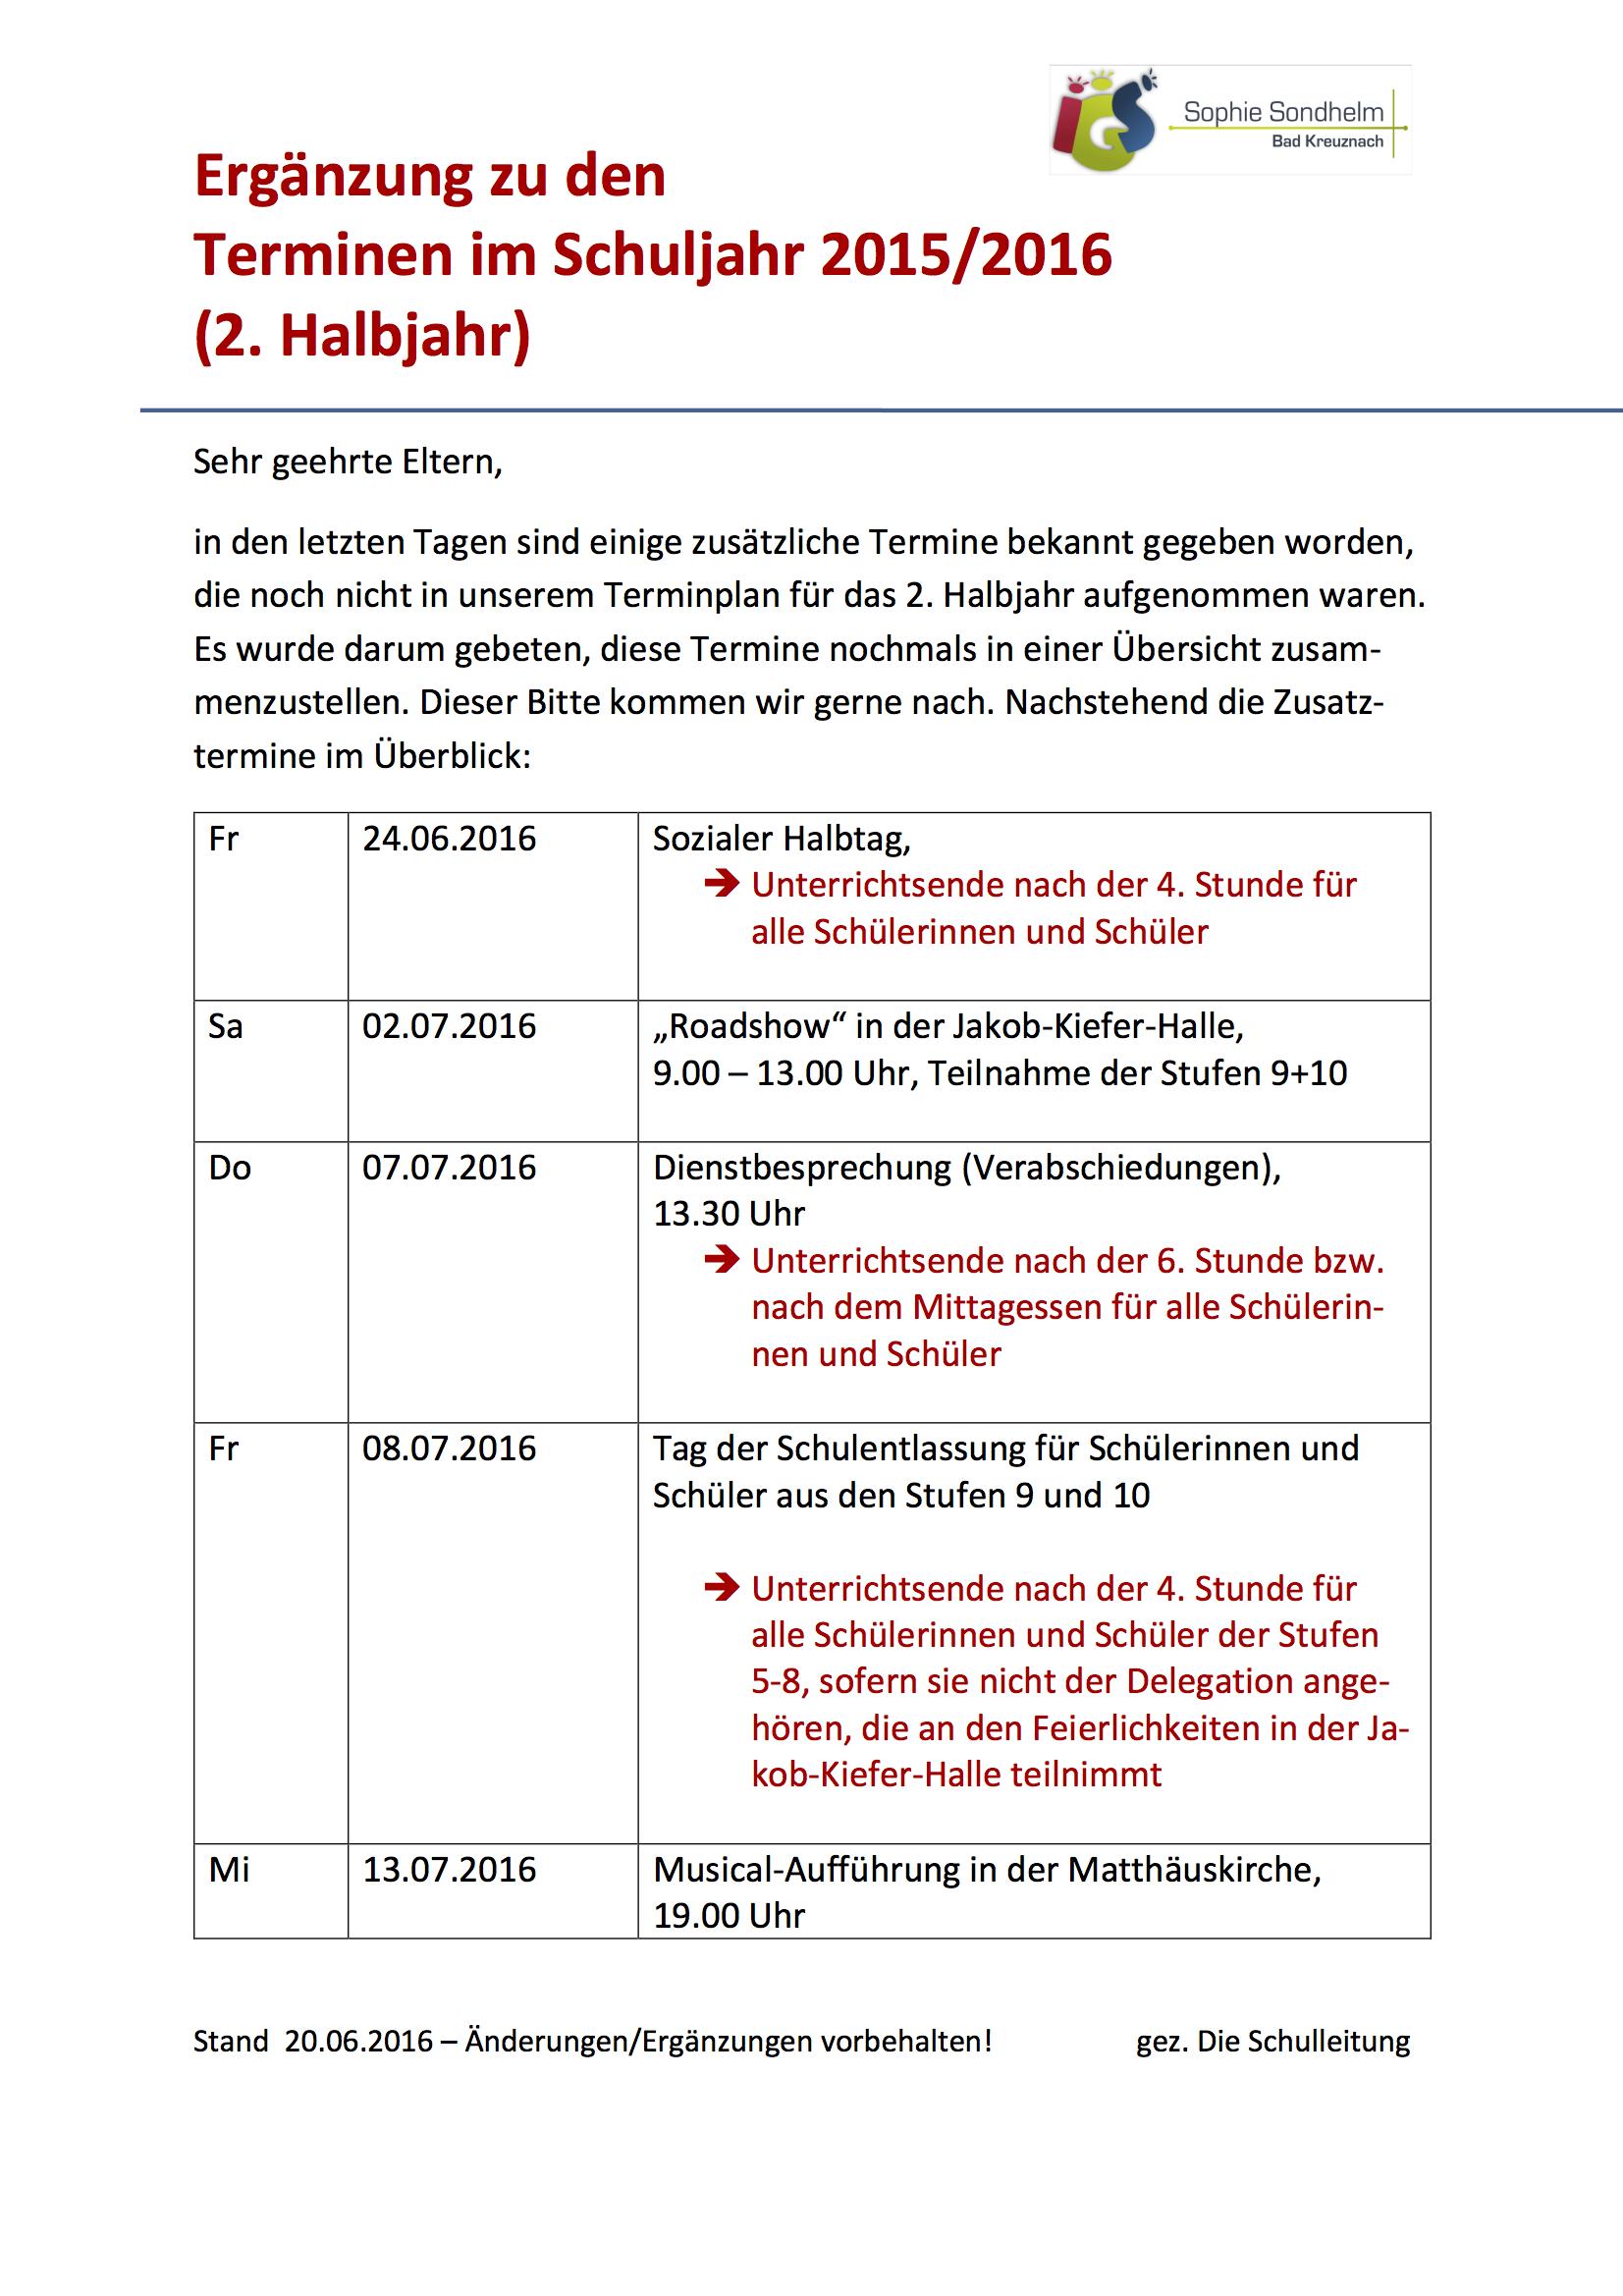 Ergänzung Elternterminplan 2. Halbjahr 15-16